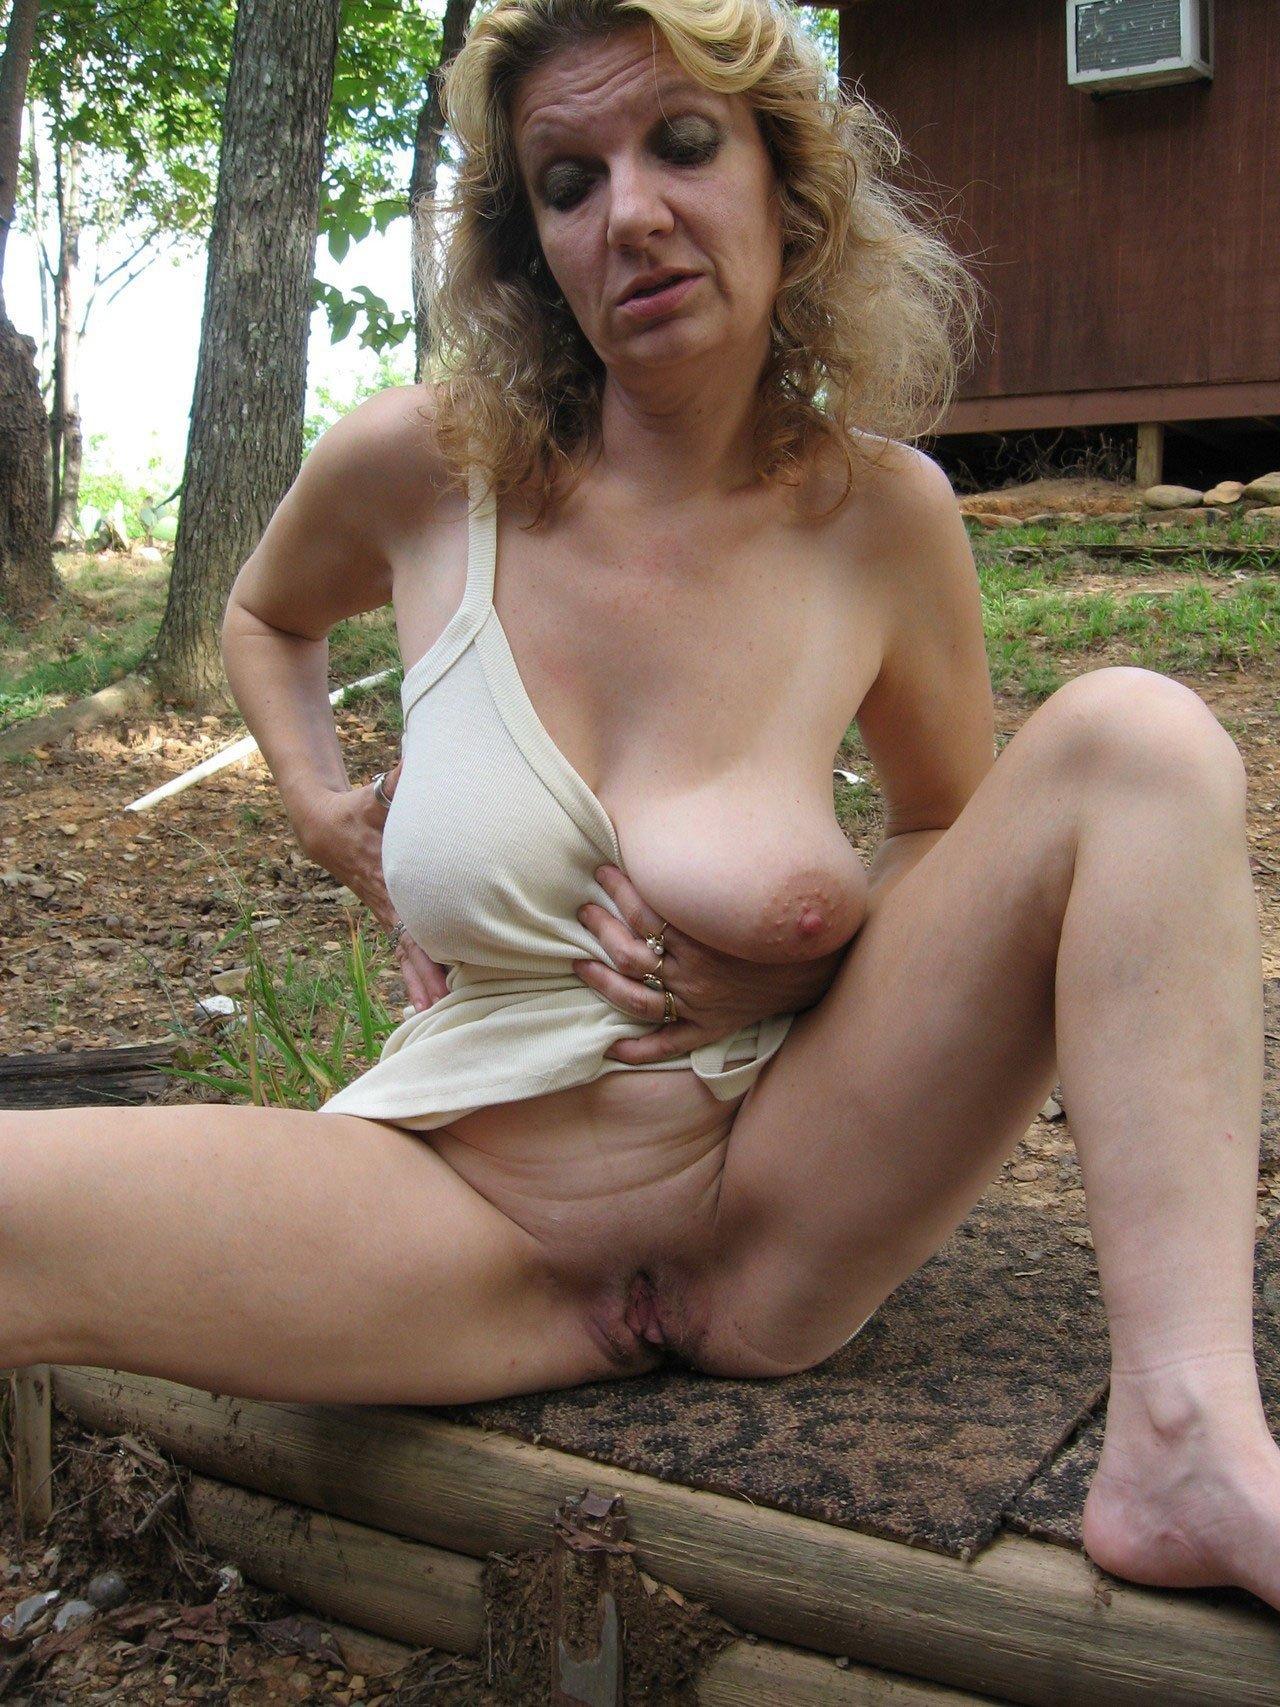 Mature saggy porn pics, old women sex pics